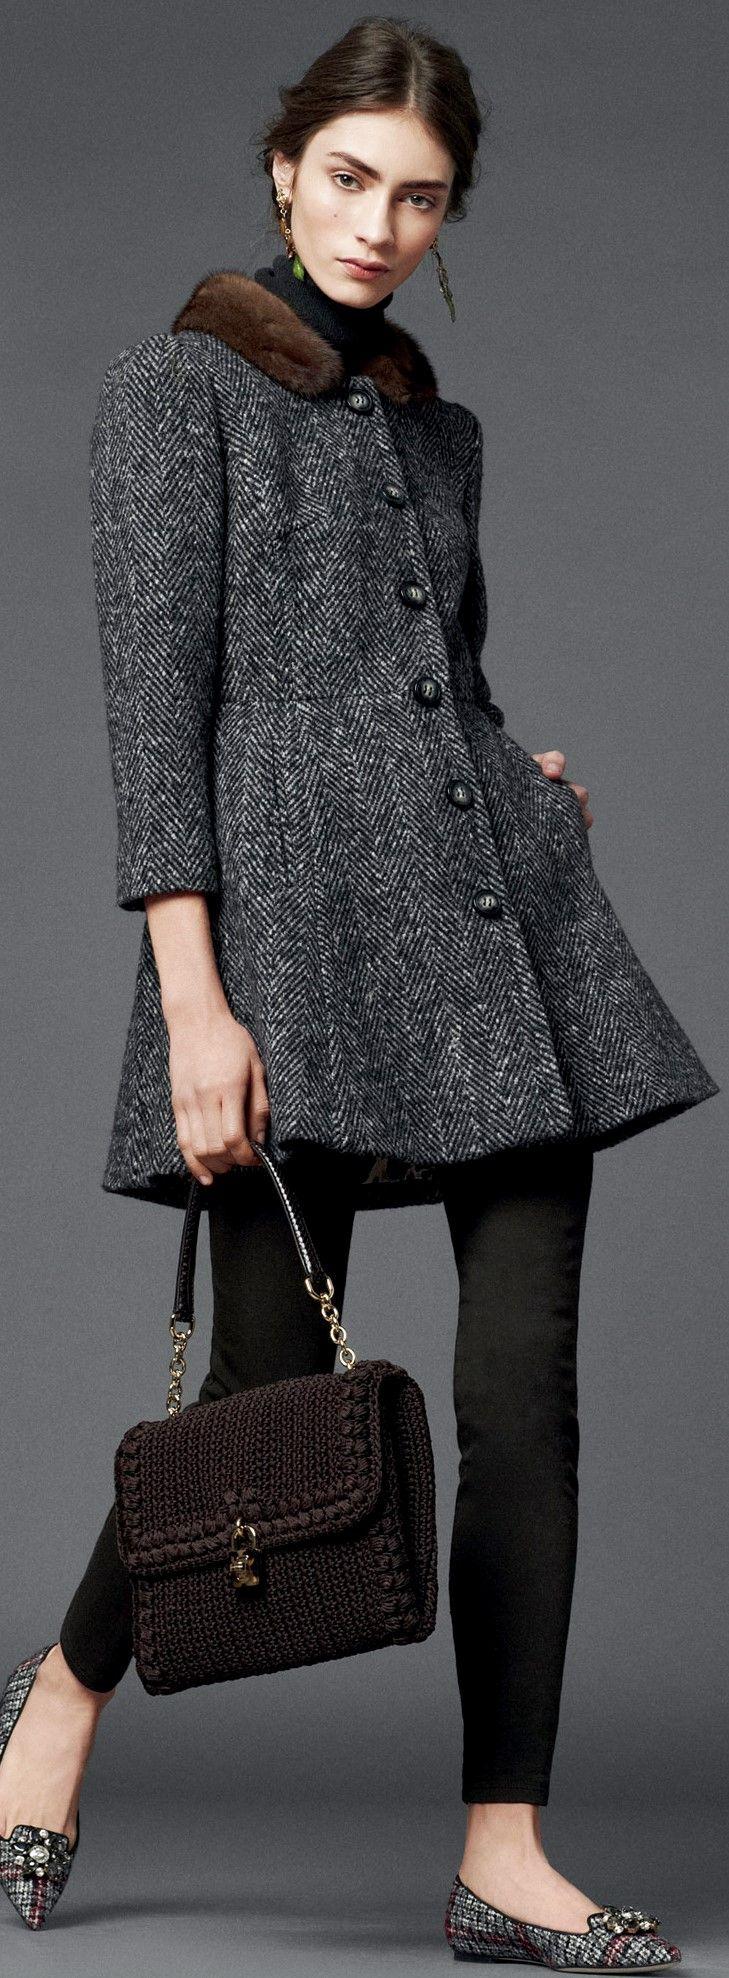 Dolce & Gabbana Seguici diventa nostra fan ed entrerai nel mondo fantastico del Glamour  Shoe shoes scarpe bags bag borse fashion chic luxury street style moda donna